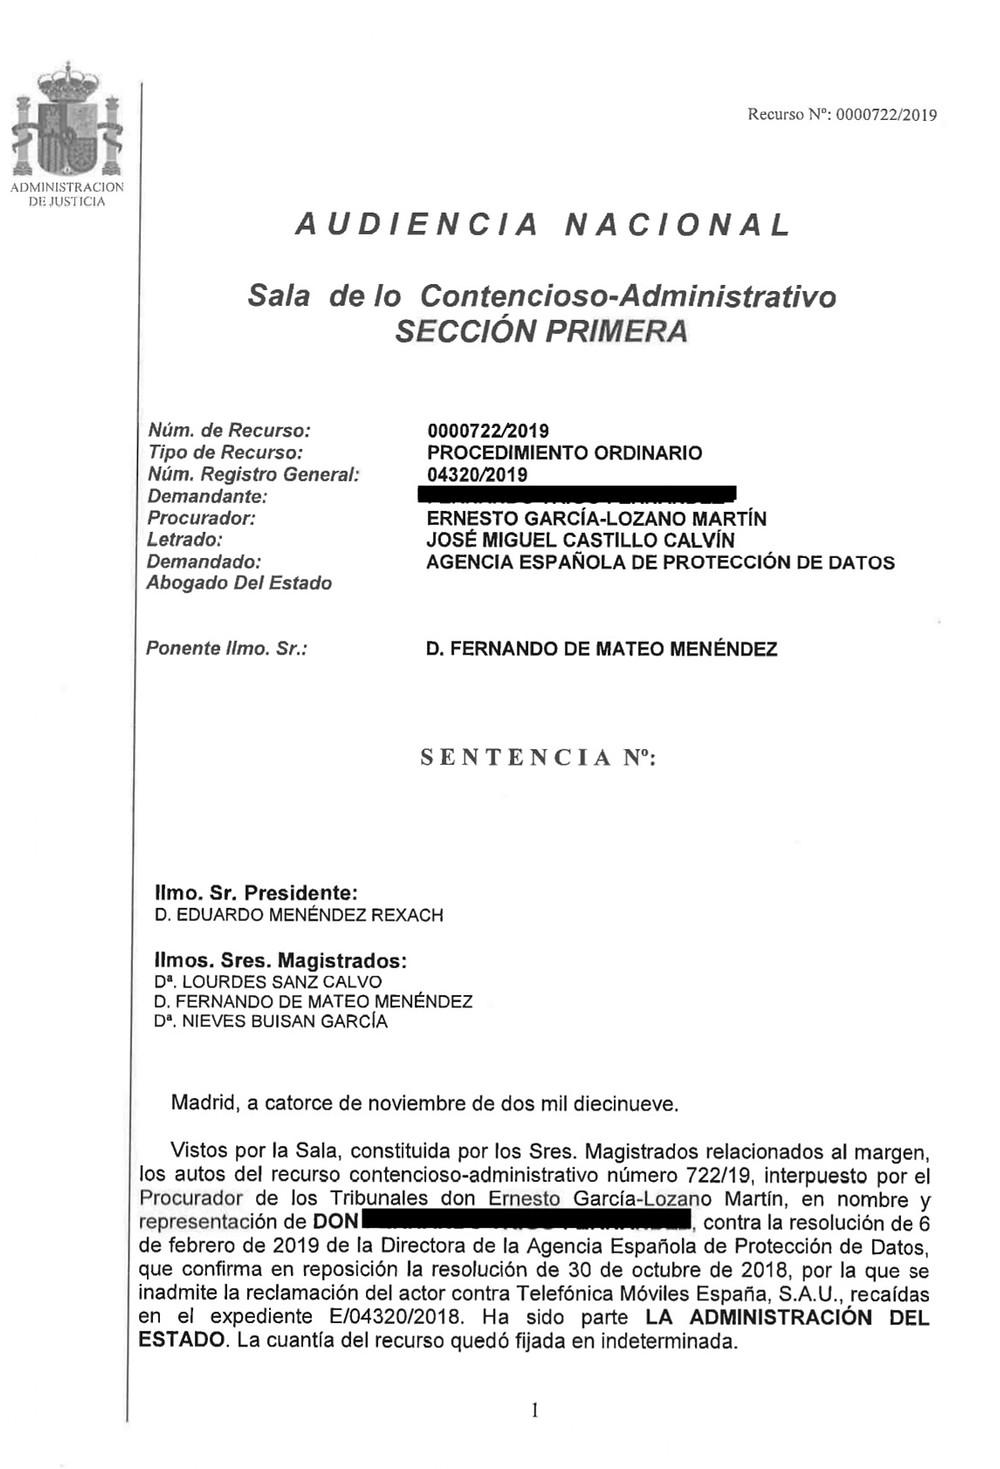 condena agencia española de proteccion de datos